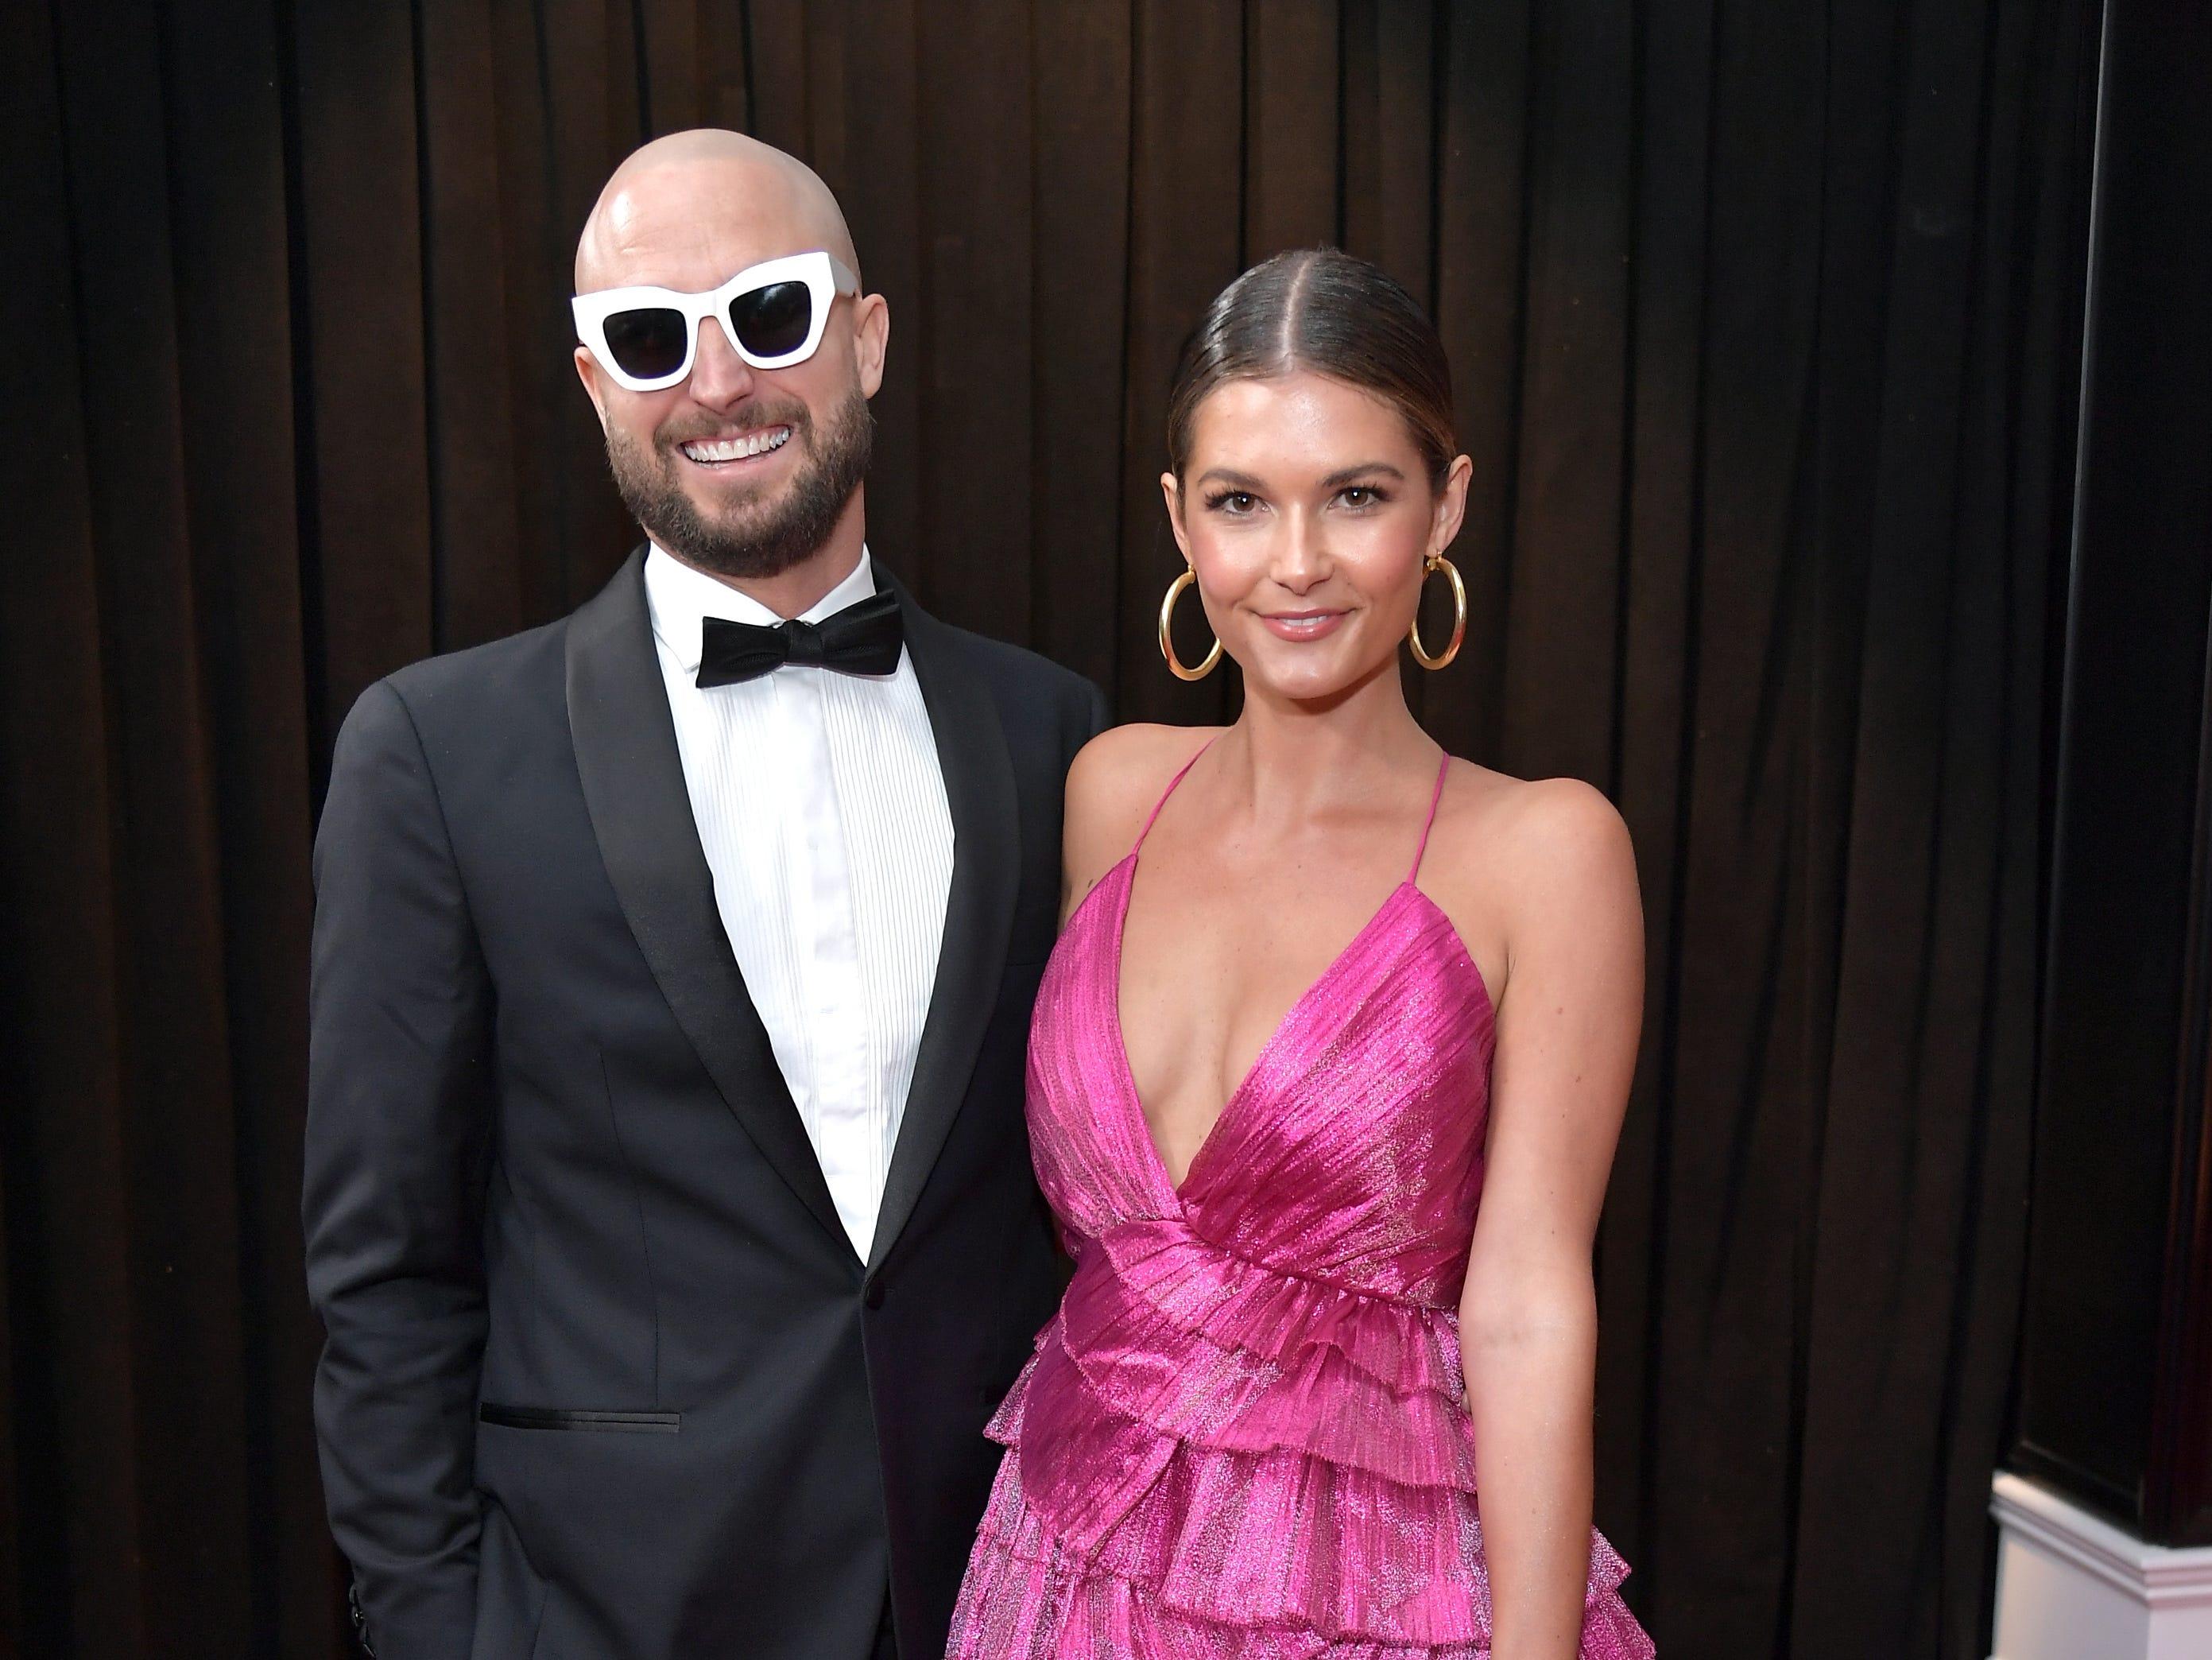 Paul Fisher (izq) y Chloe Chapman asisten a la 61ª edición de los premios GRAMMY en el Staples Center el 10 de febrero de 2019 en Los Ángeles, California.